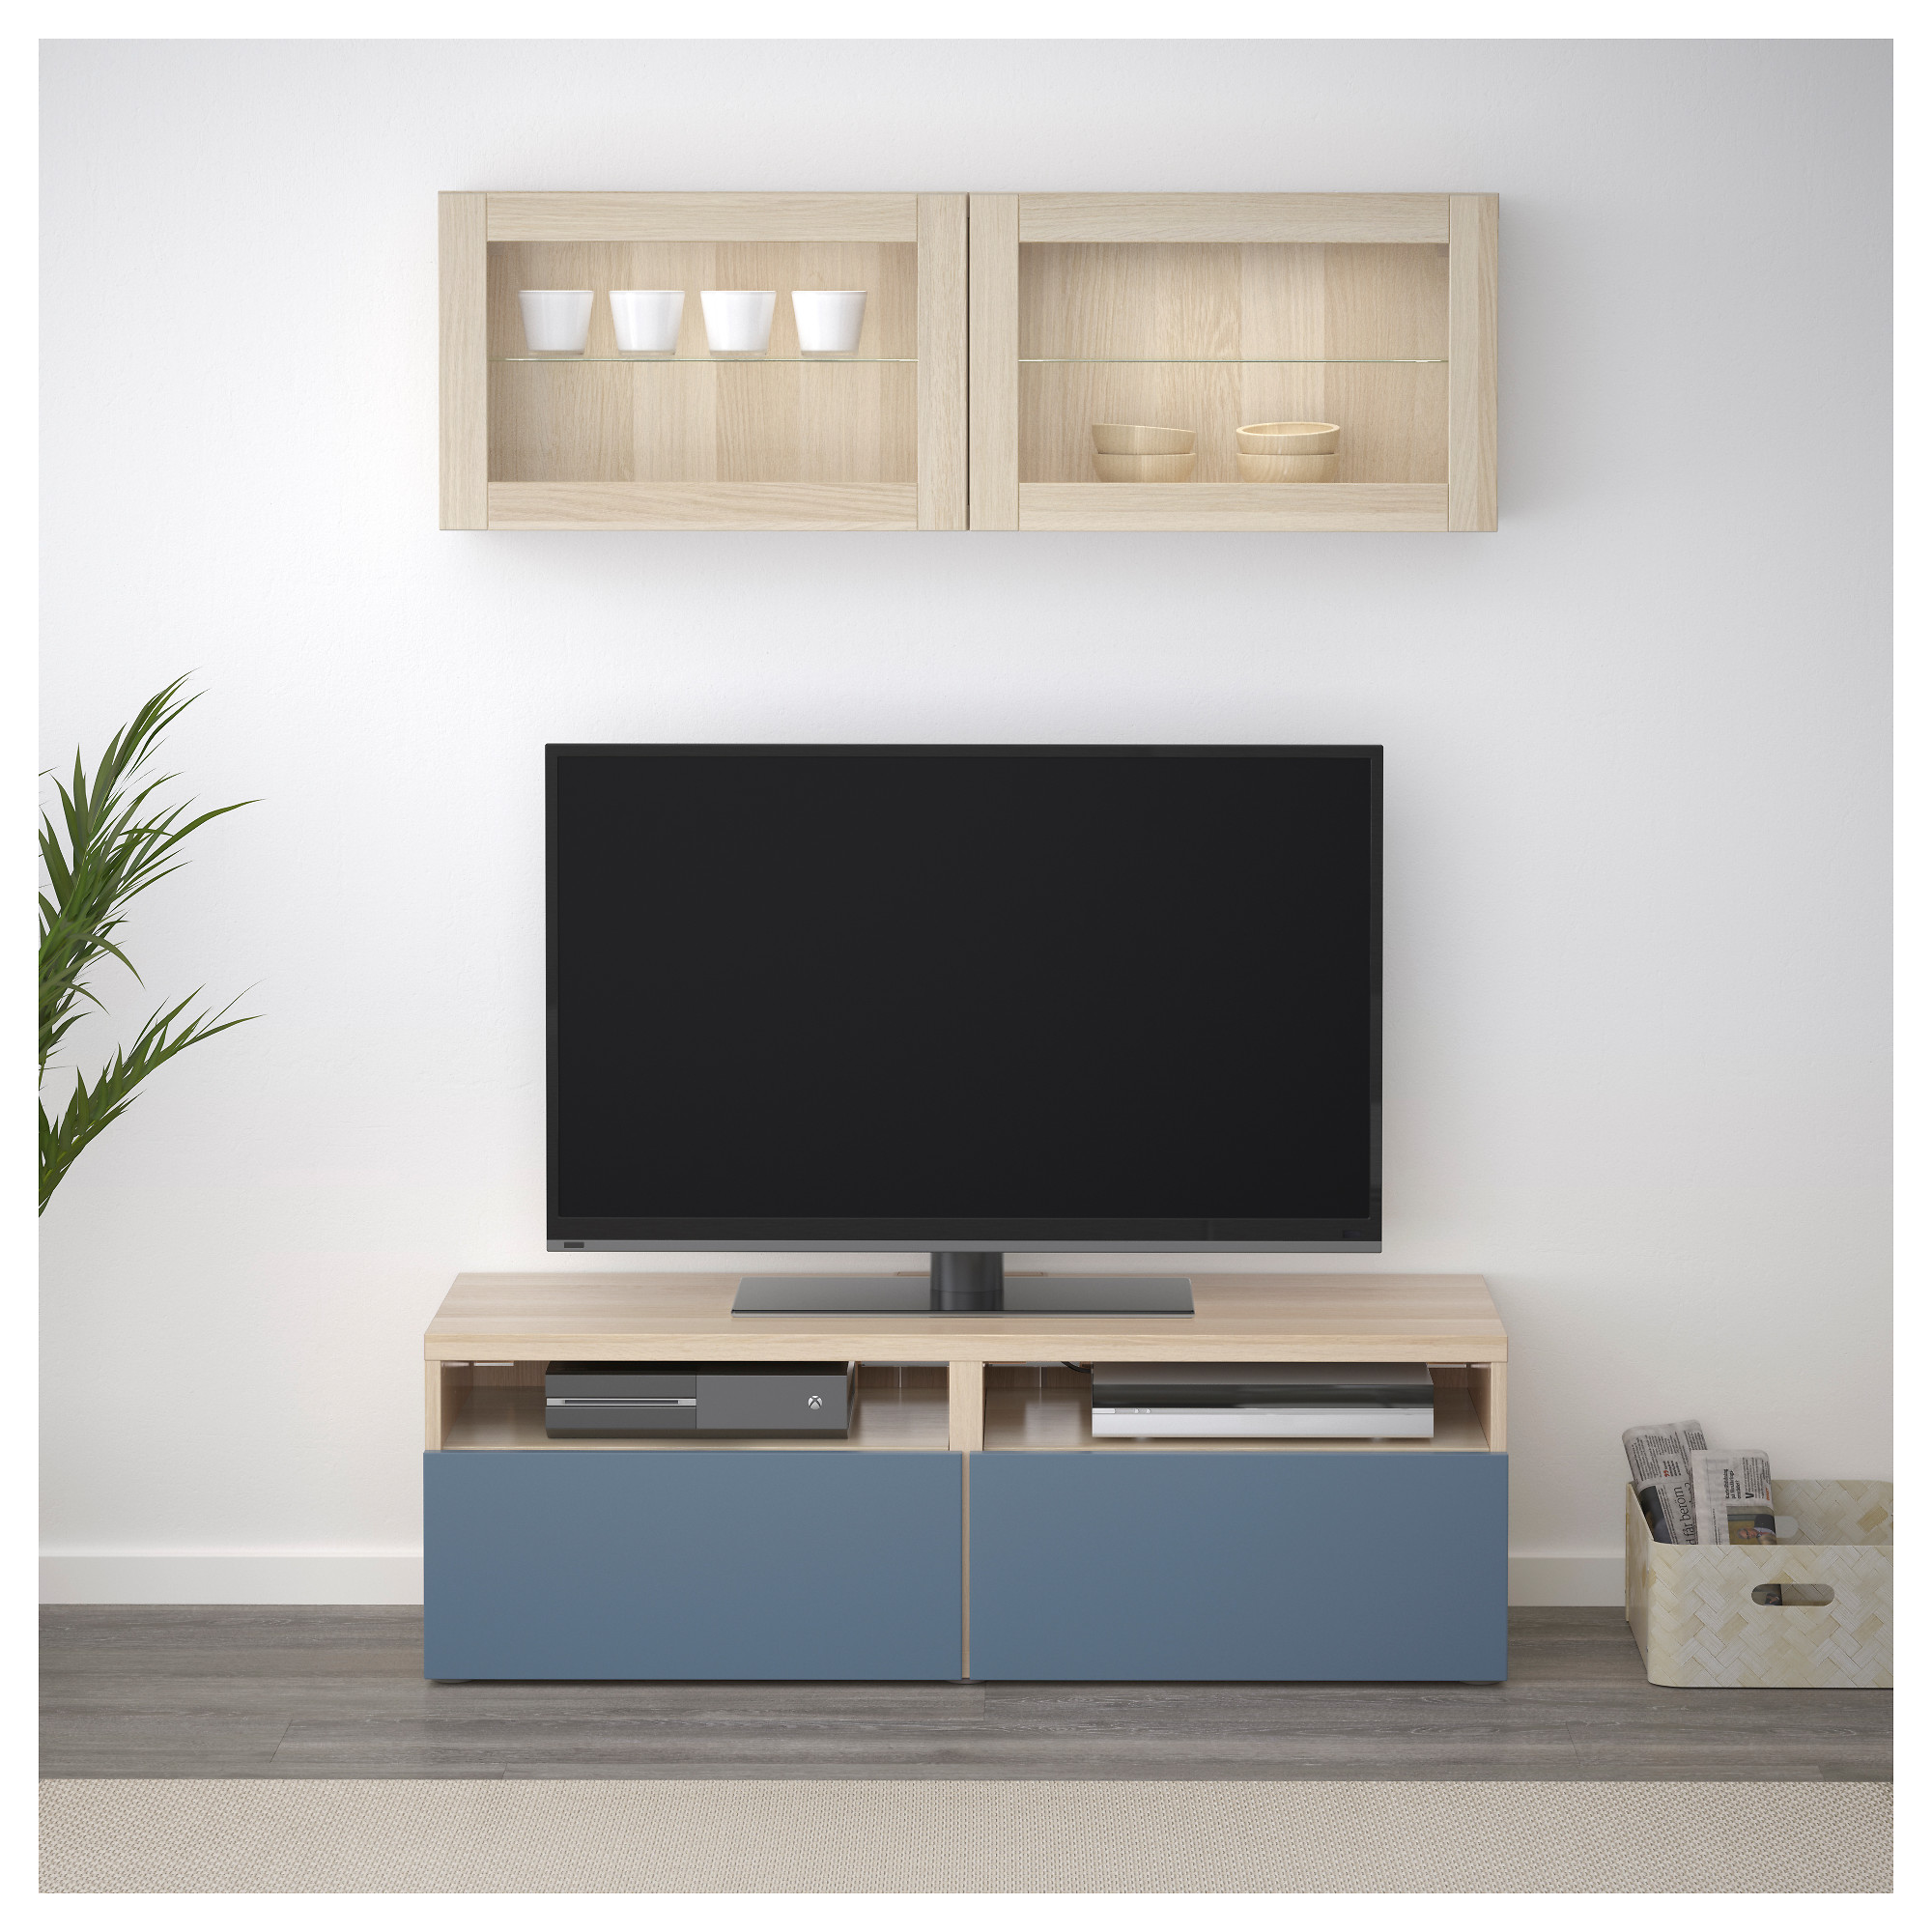 Шкаф для ТВ, комбинированный, стекляные дверцы БЕСТО темно-синий артикуль № 192.505.03 в наличии. Online сайт IKEA Минск. Быстрая доставка и соборка.